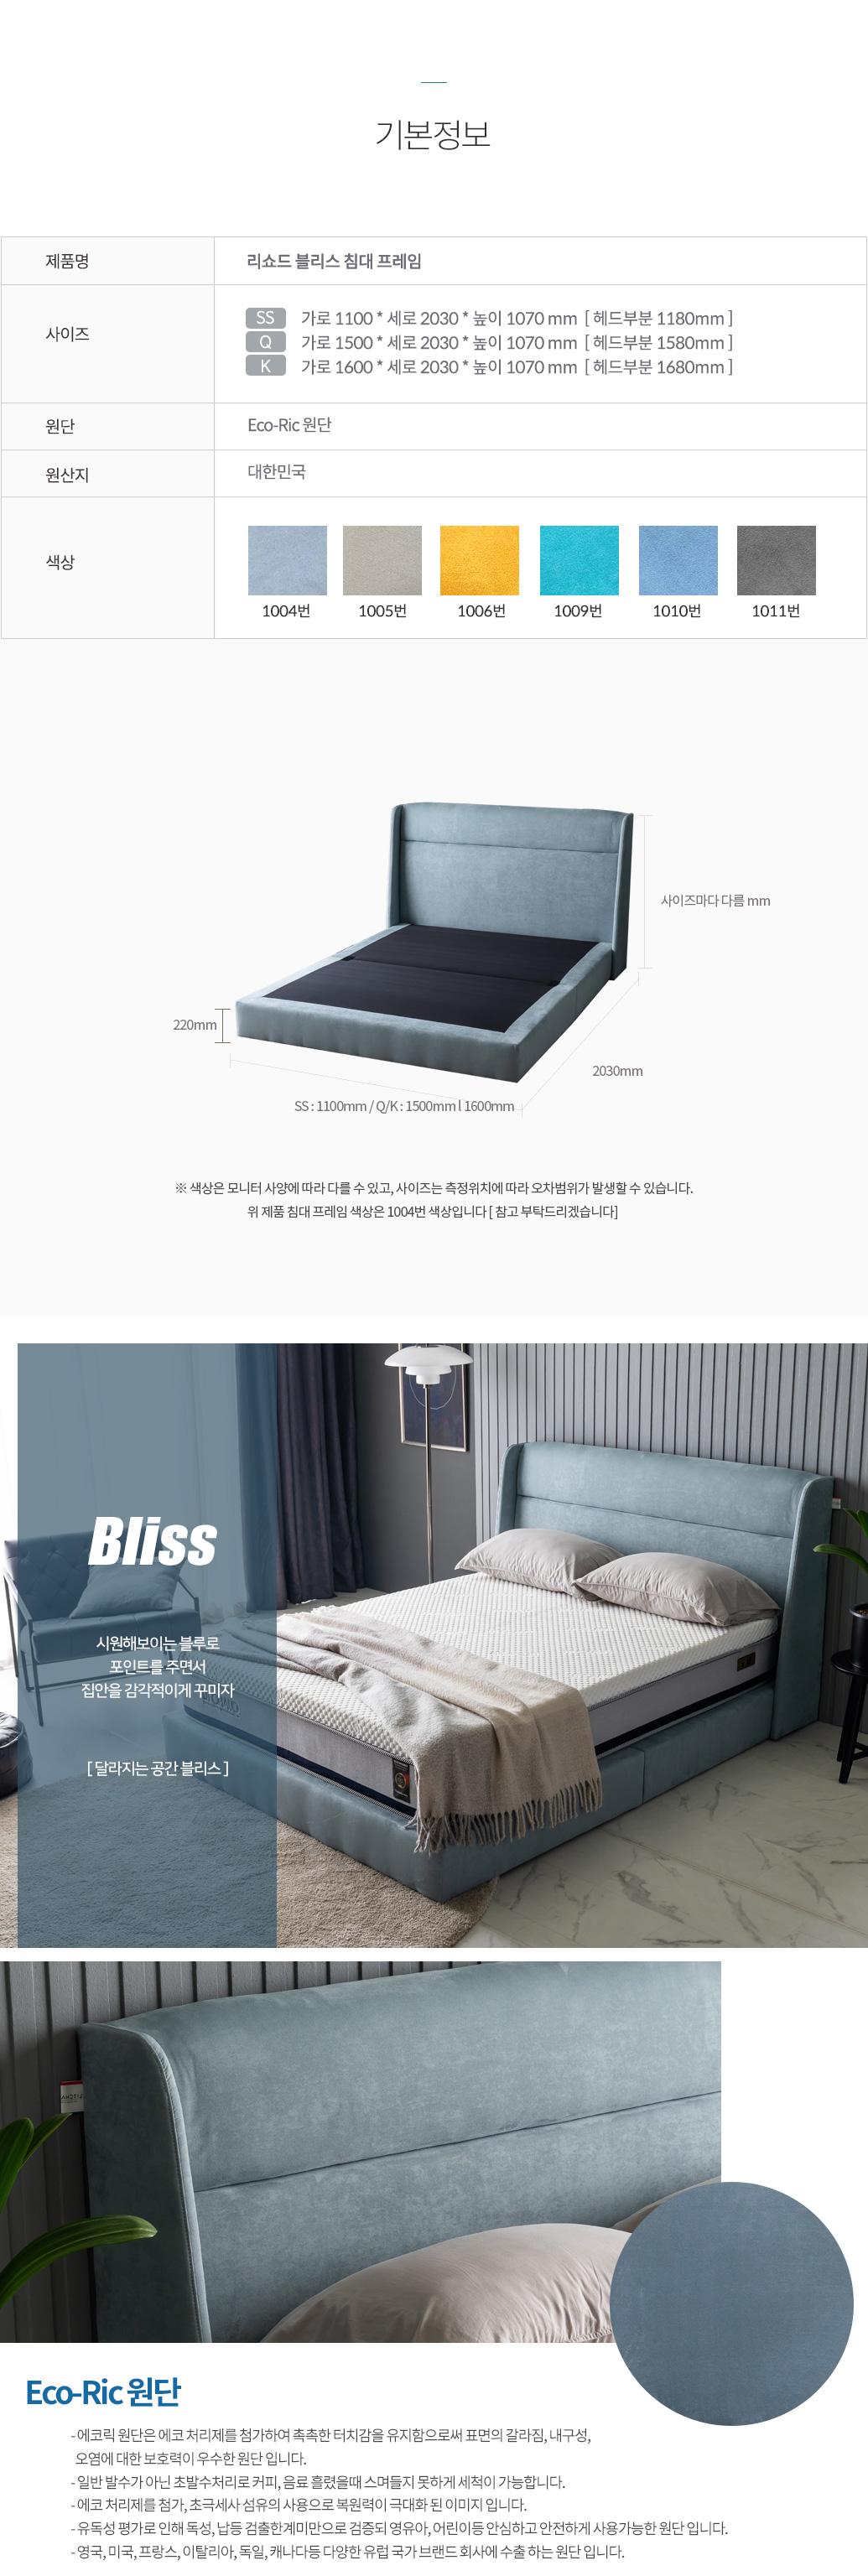 bliss_02.jpg